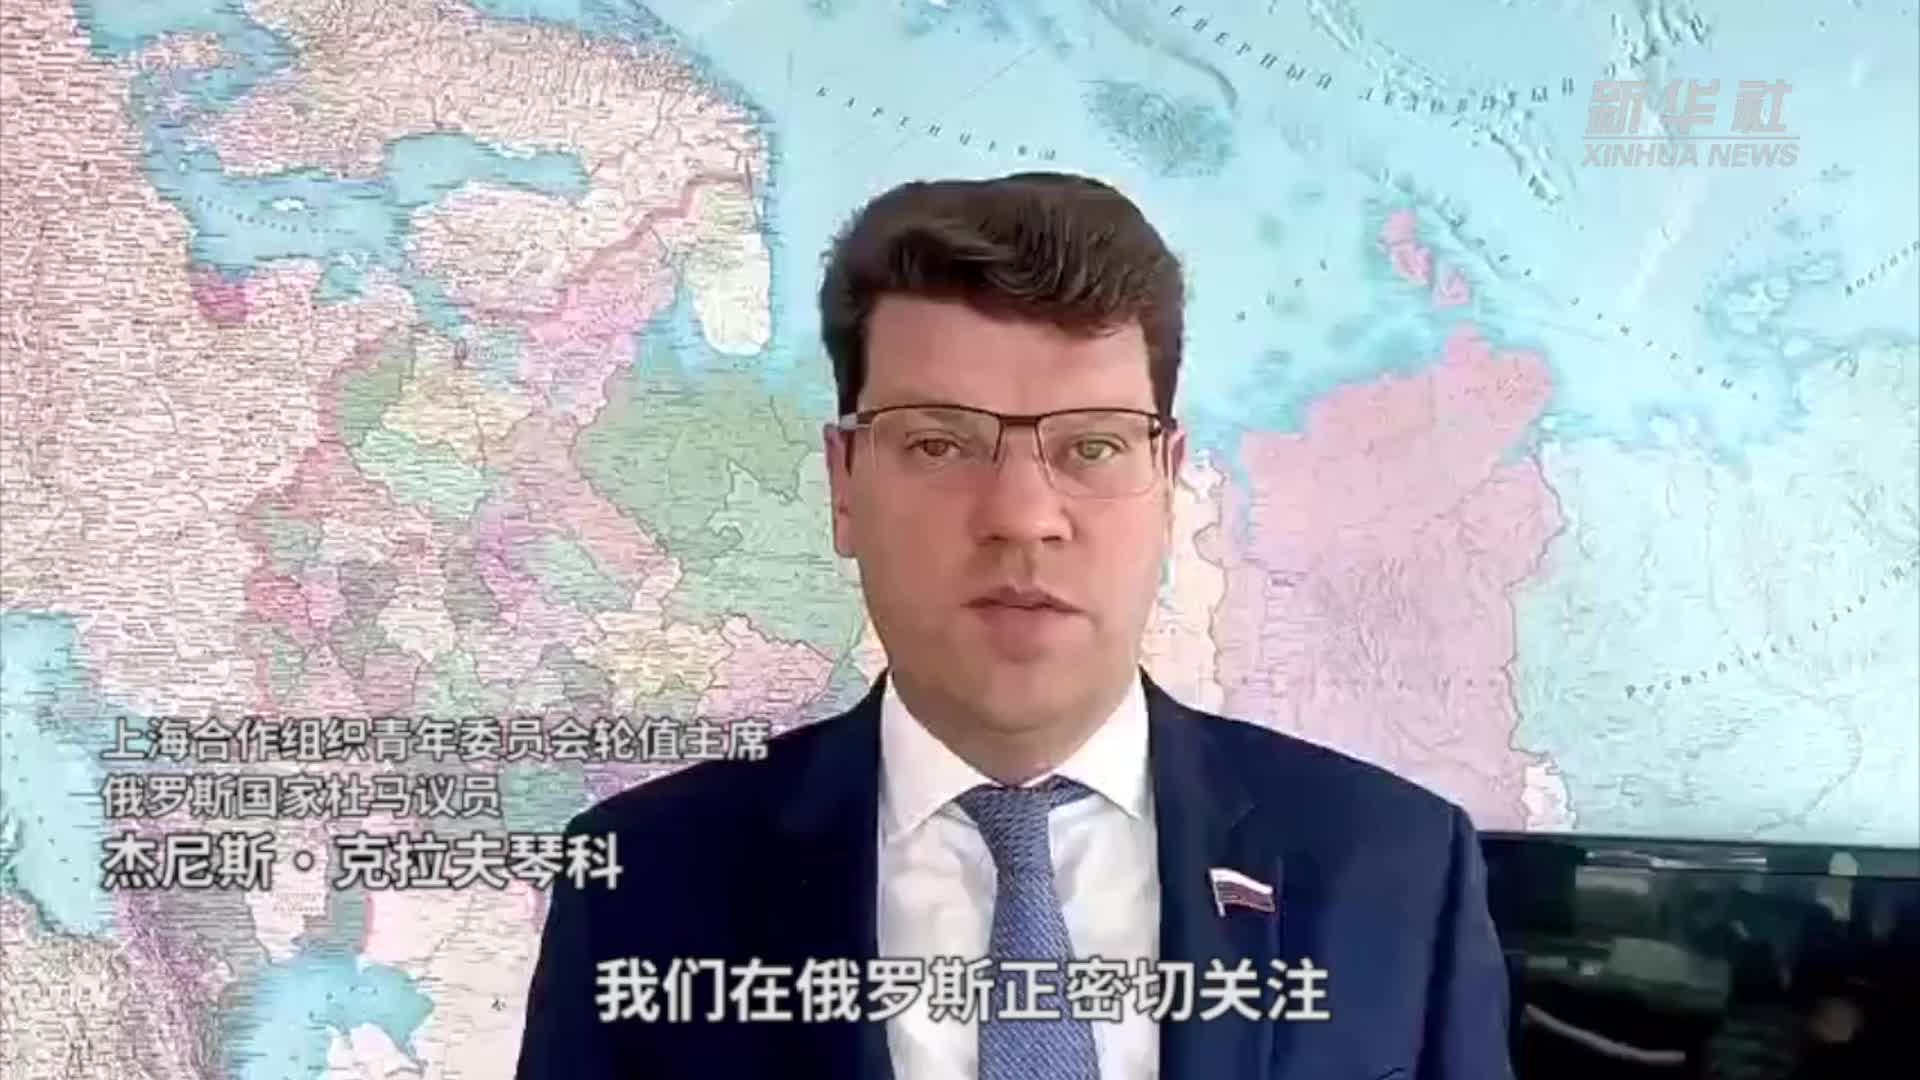 """上海合作组织青年委员会:感谢参与战""""疫""""的青年们"""